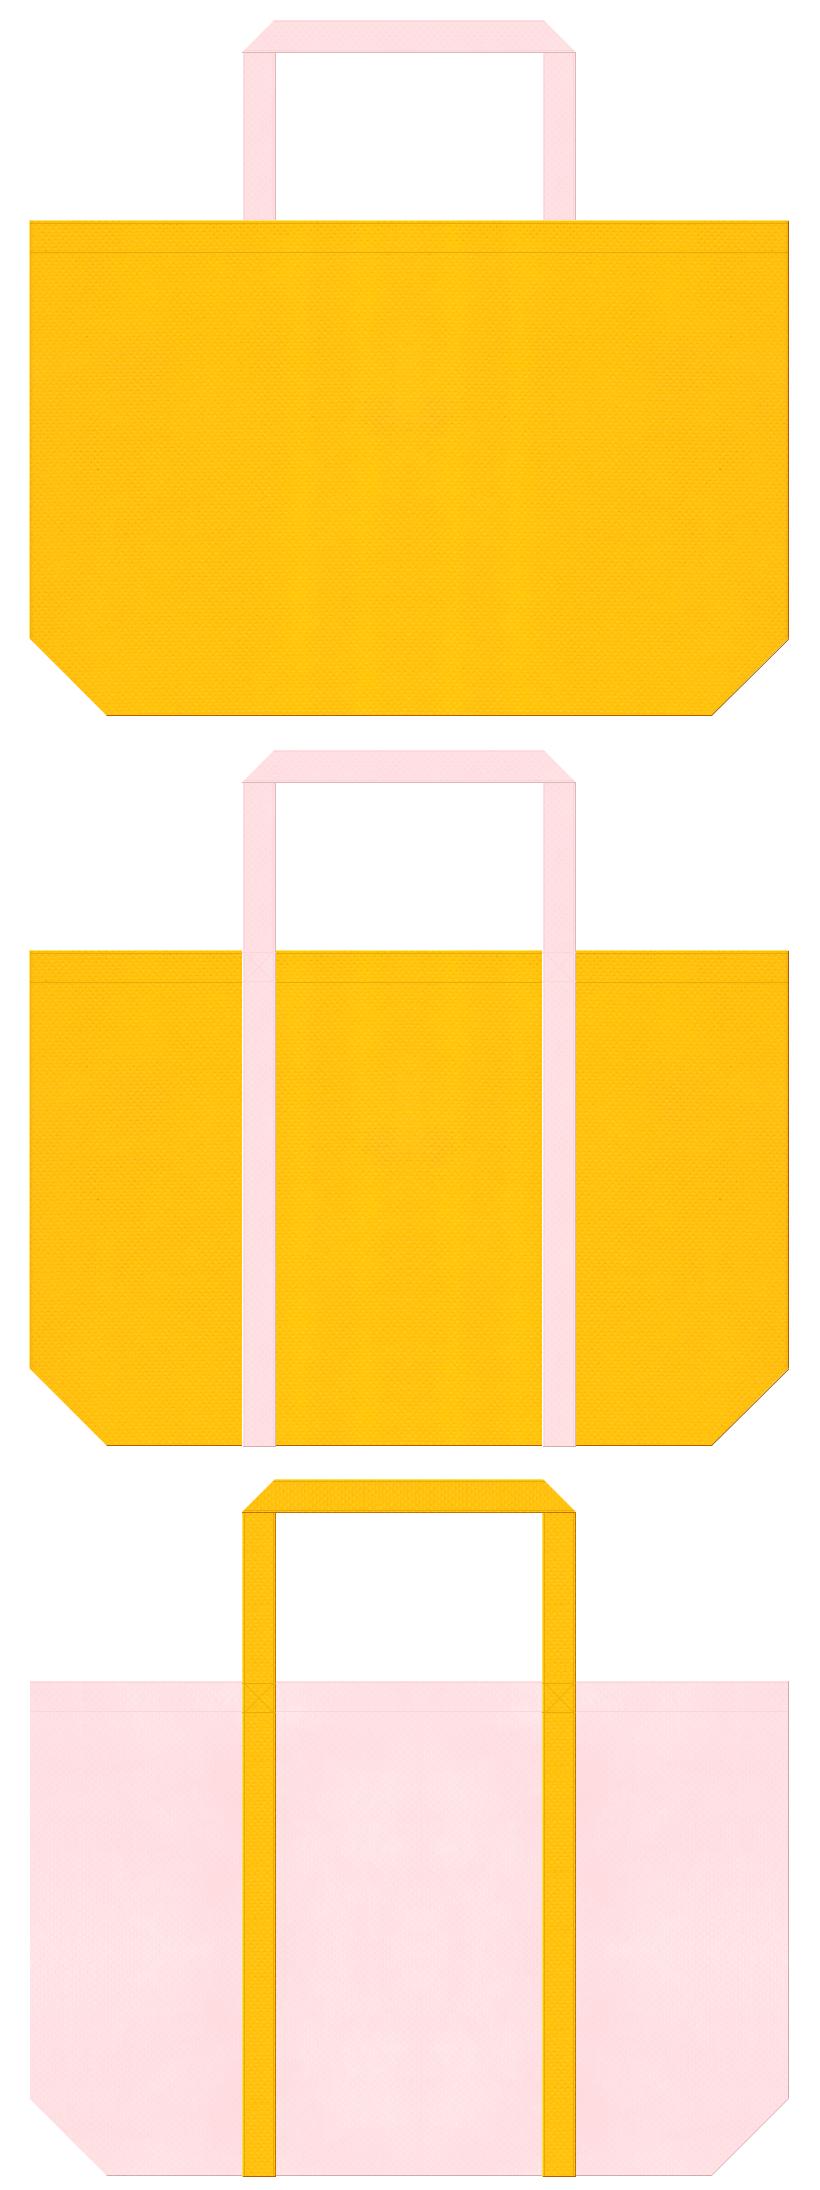 入園・入学・絵本・おとぎ話・月・星・エンジェル・ピエロ・プリンセス・おもちゃの兵隊・楽団・テーマパーク・菜の花・たまご・ひよこ・保育・通園バッグ・キッズイベントにお奨めの不織布バッグデザイン:黄色と桜色のコーデ